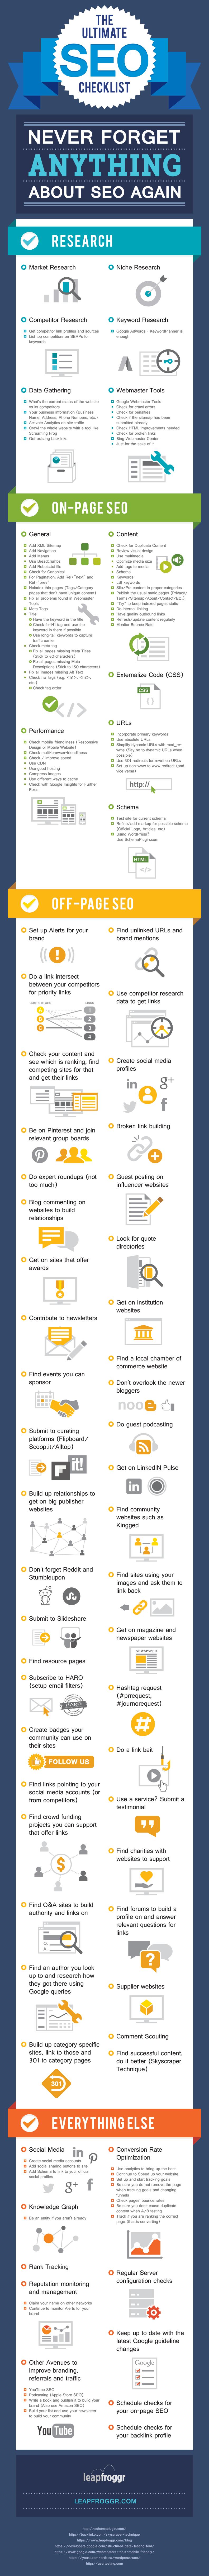 infographie checklist le guide seo seo ultime pour être 1er sur google